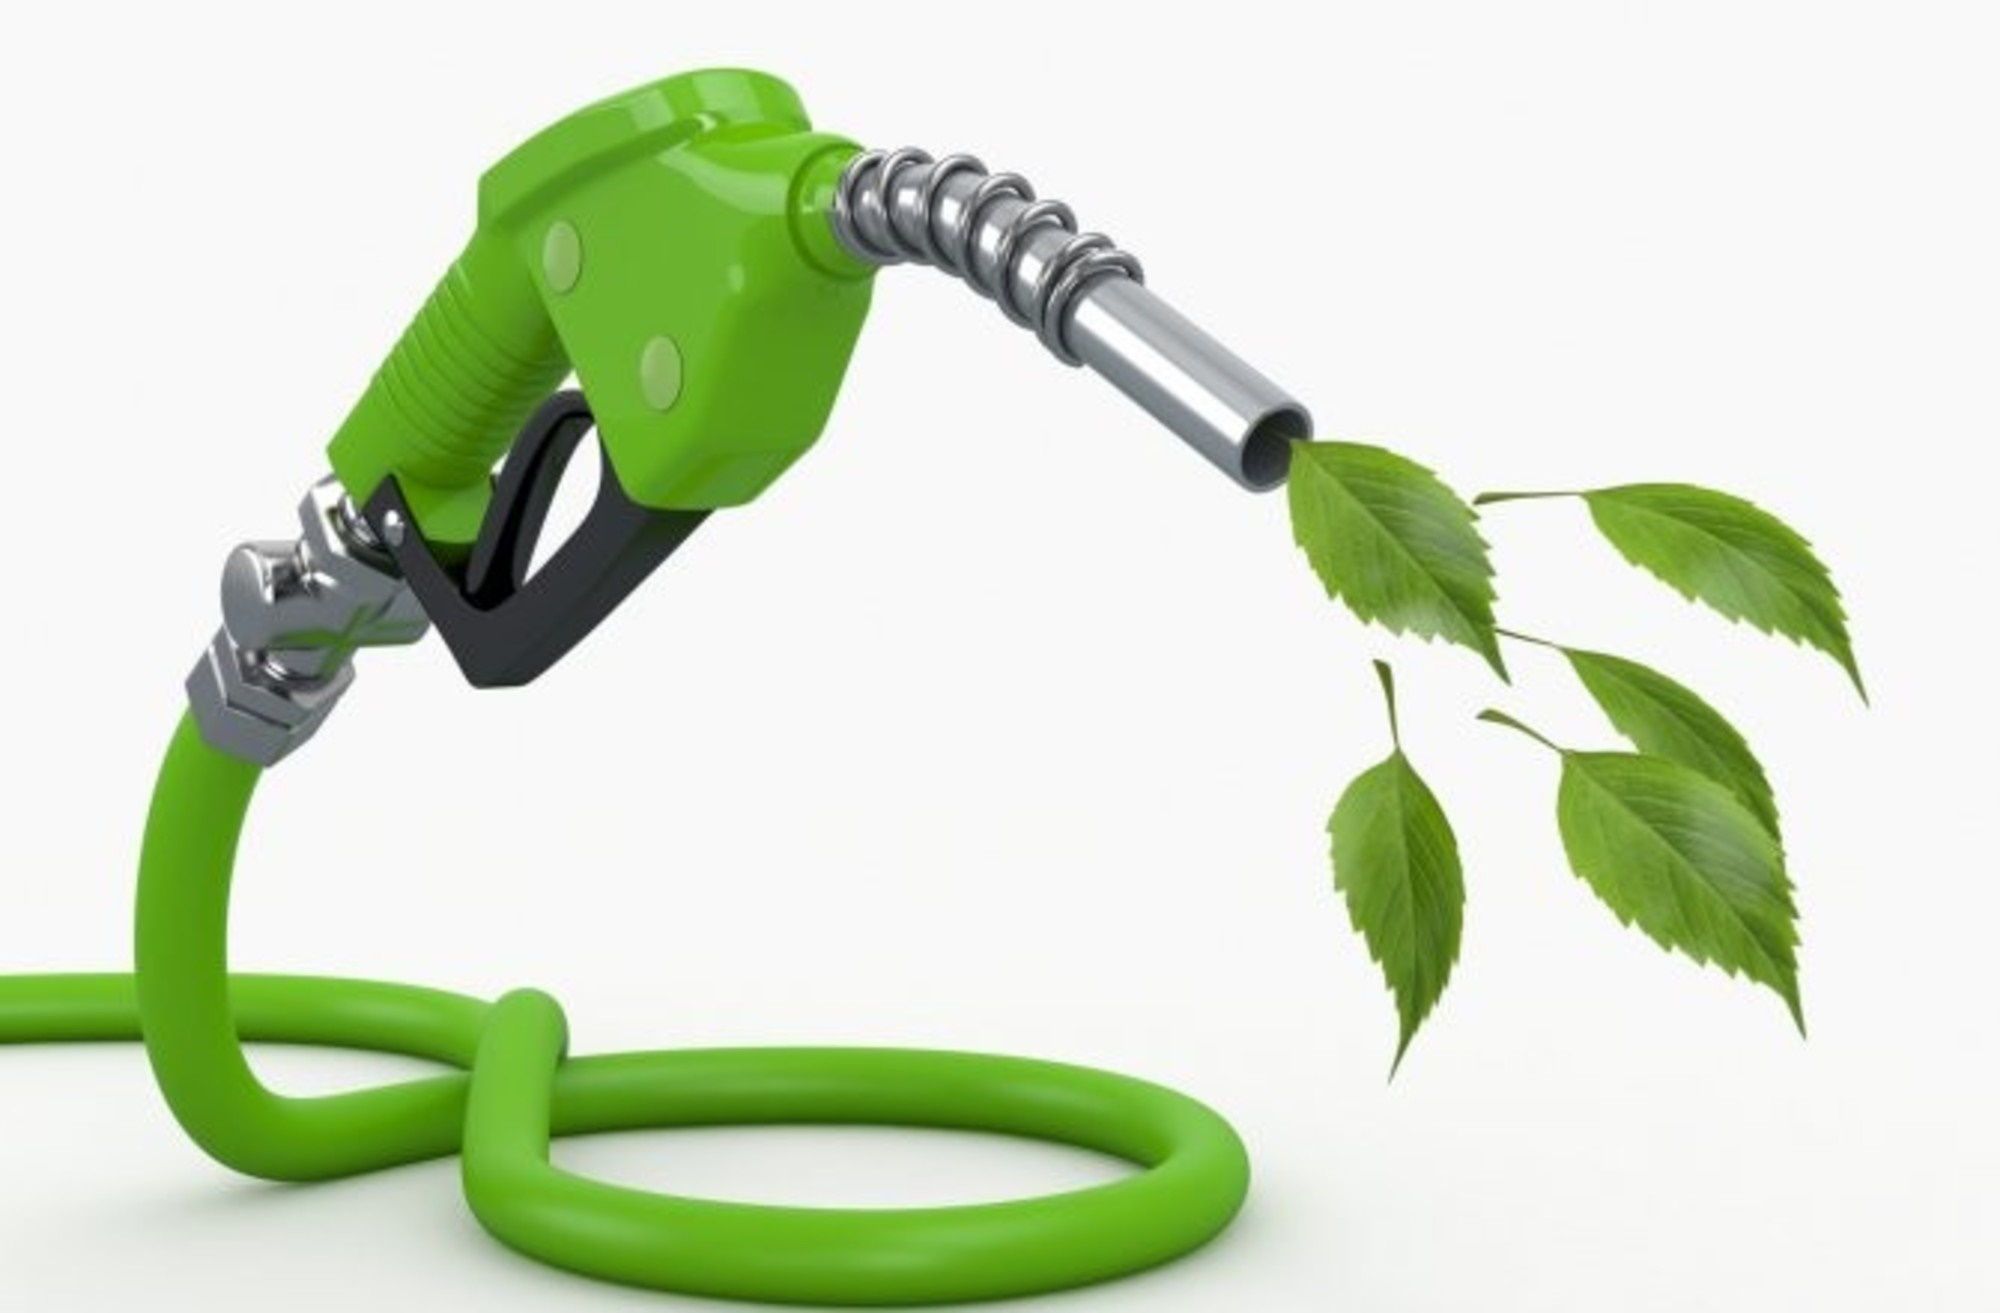 تولید سوخت زیستی جدید با استفاده از کاه و باکتری